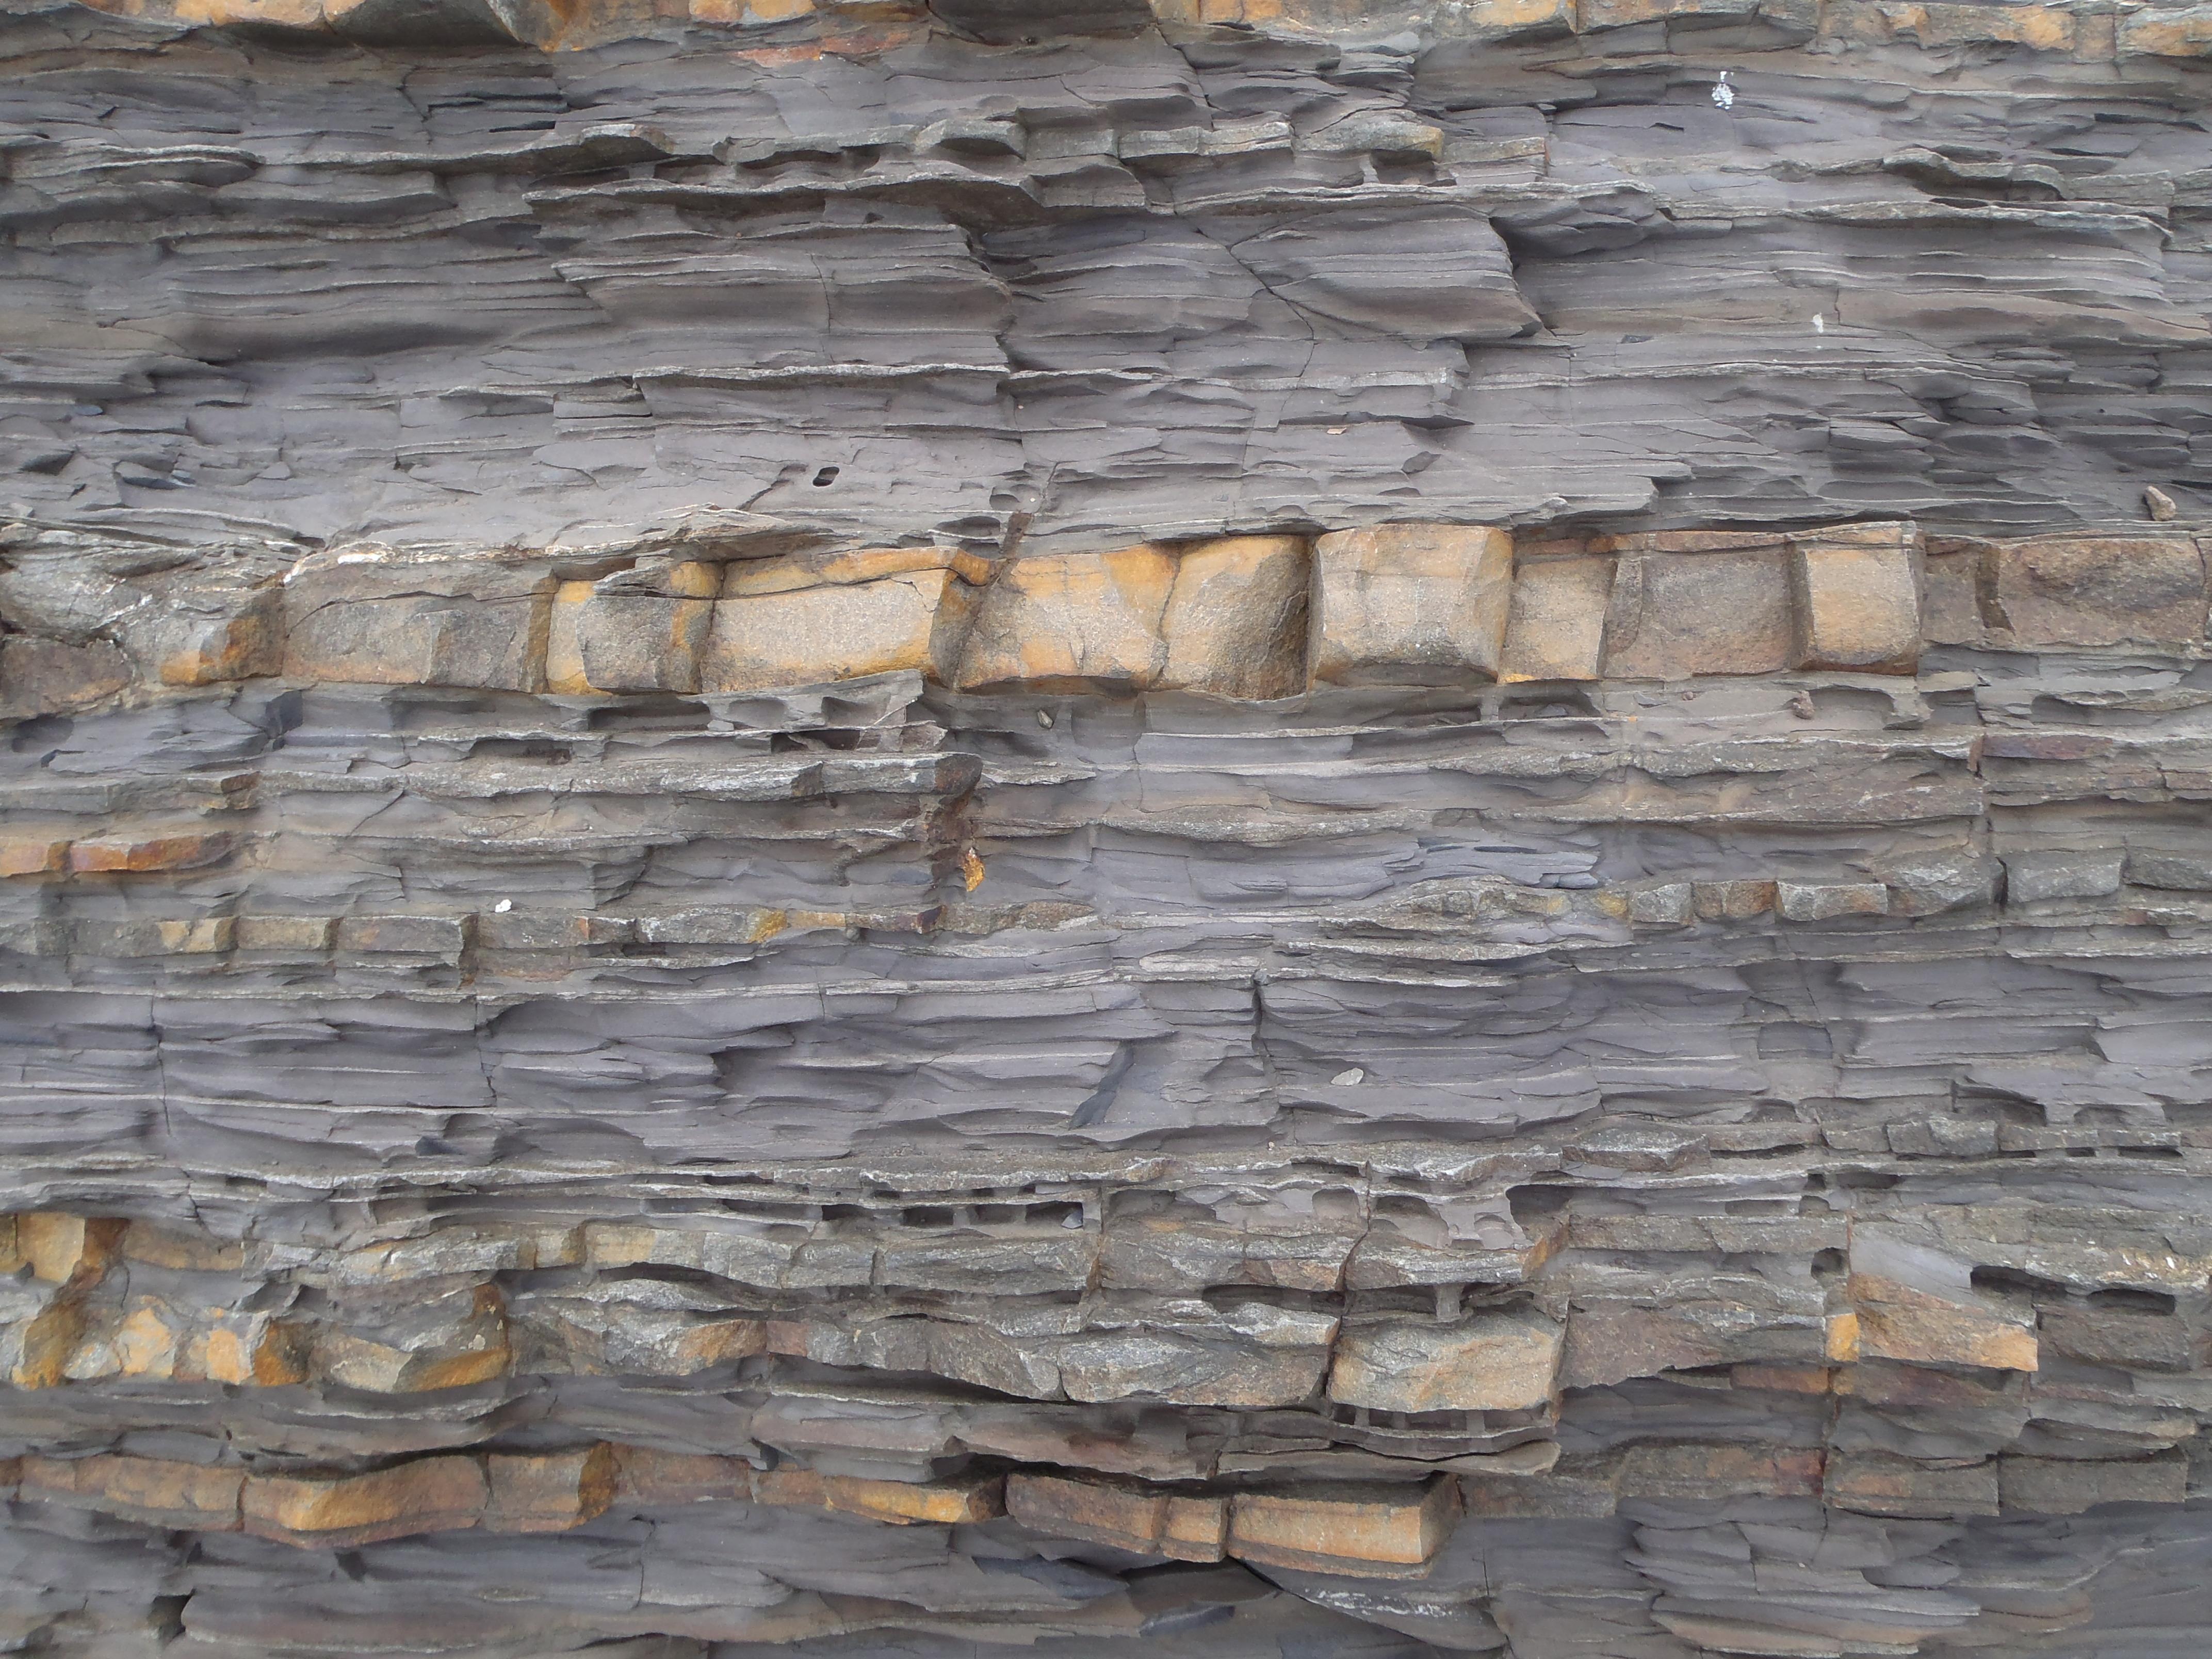 対州層群。泥板岩と砂岩が交互に堆積している。